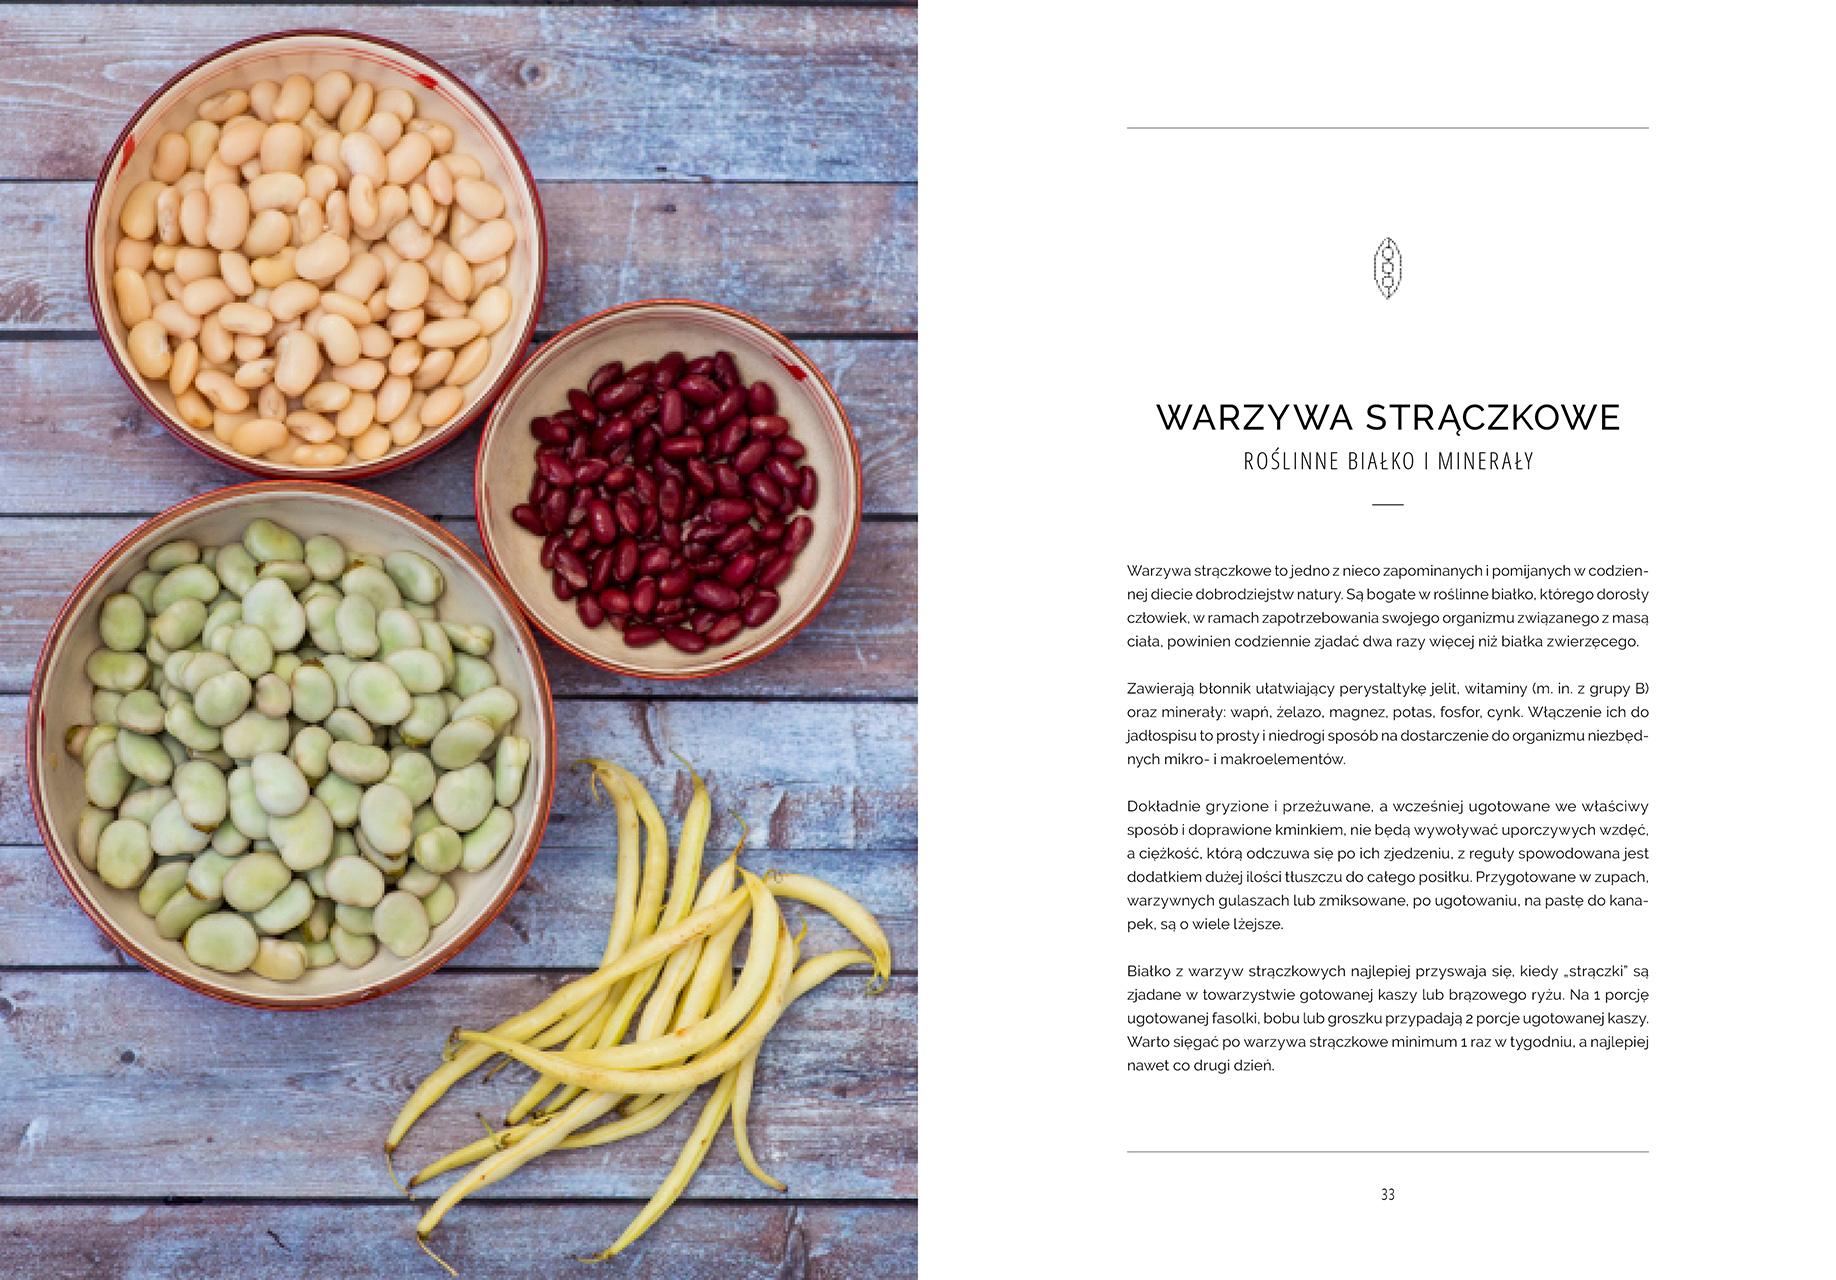 Superfood po polsku - warzywa strączkowe - opis składników